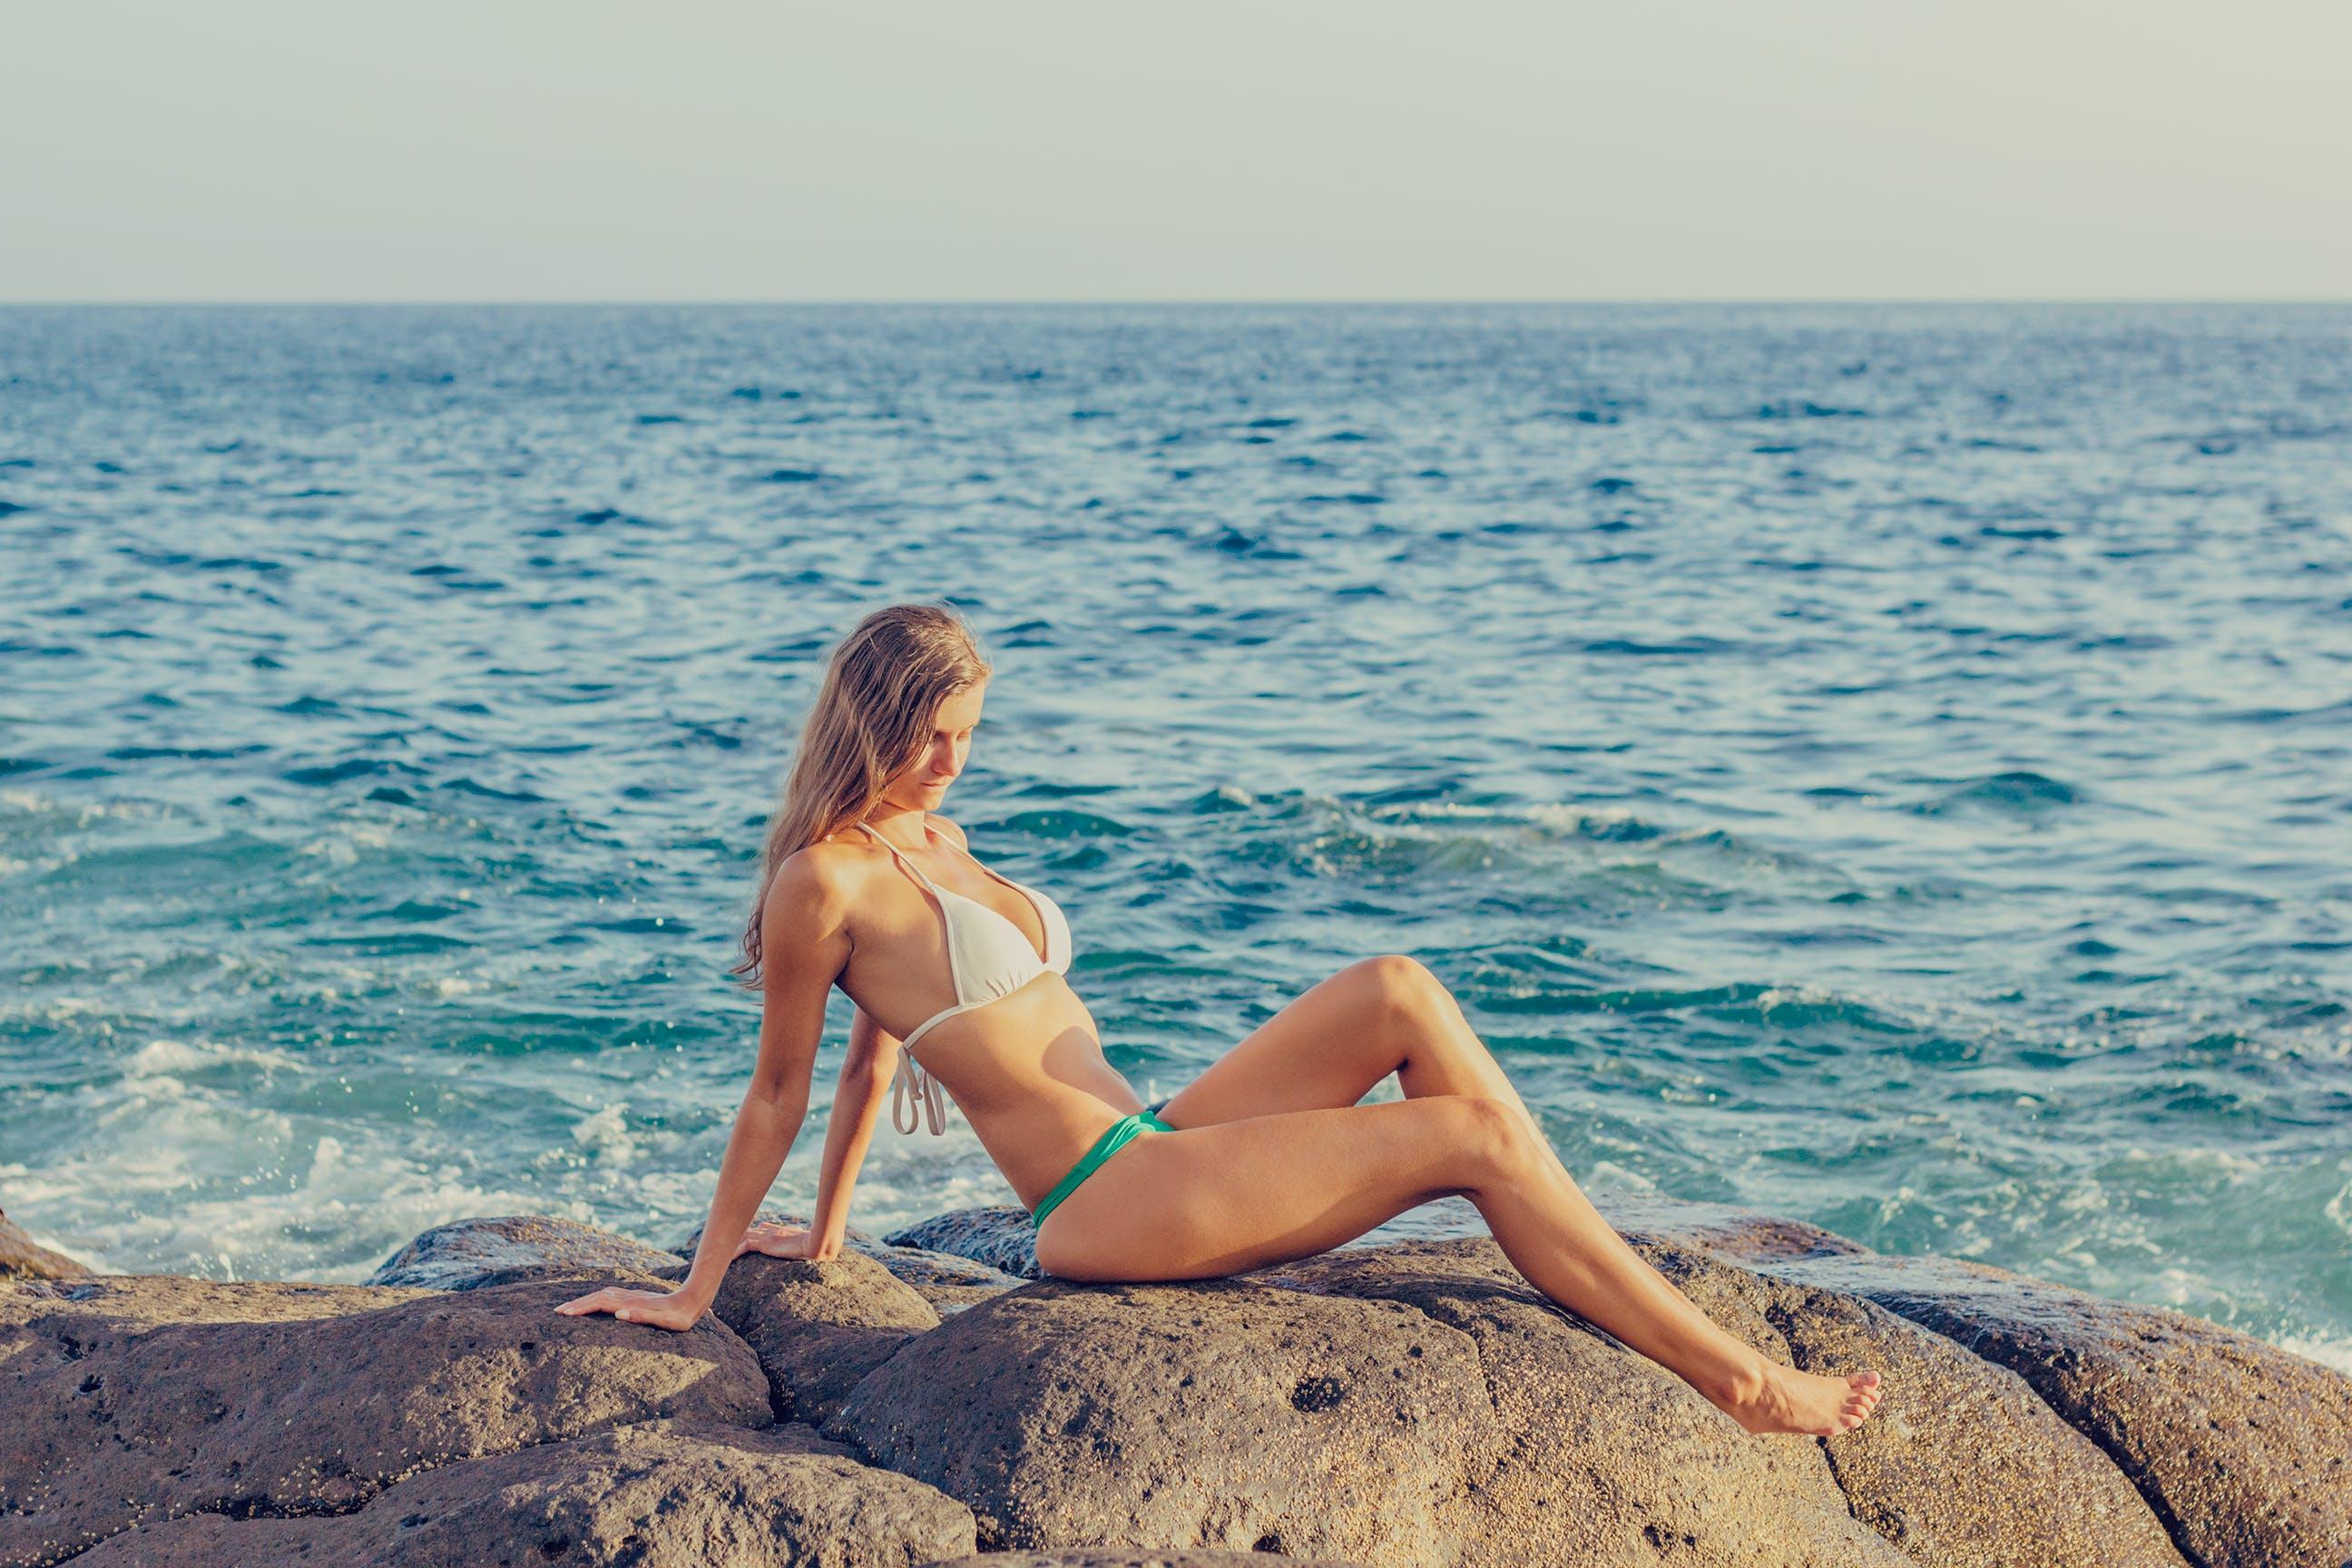 くつろぎ, セクシー, トロピカル, ビキニの無料の写真素材